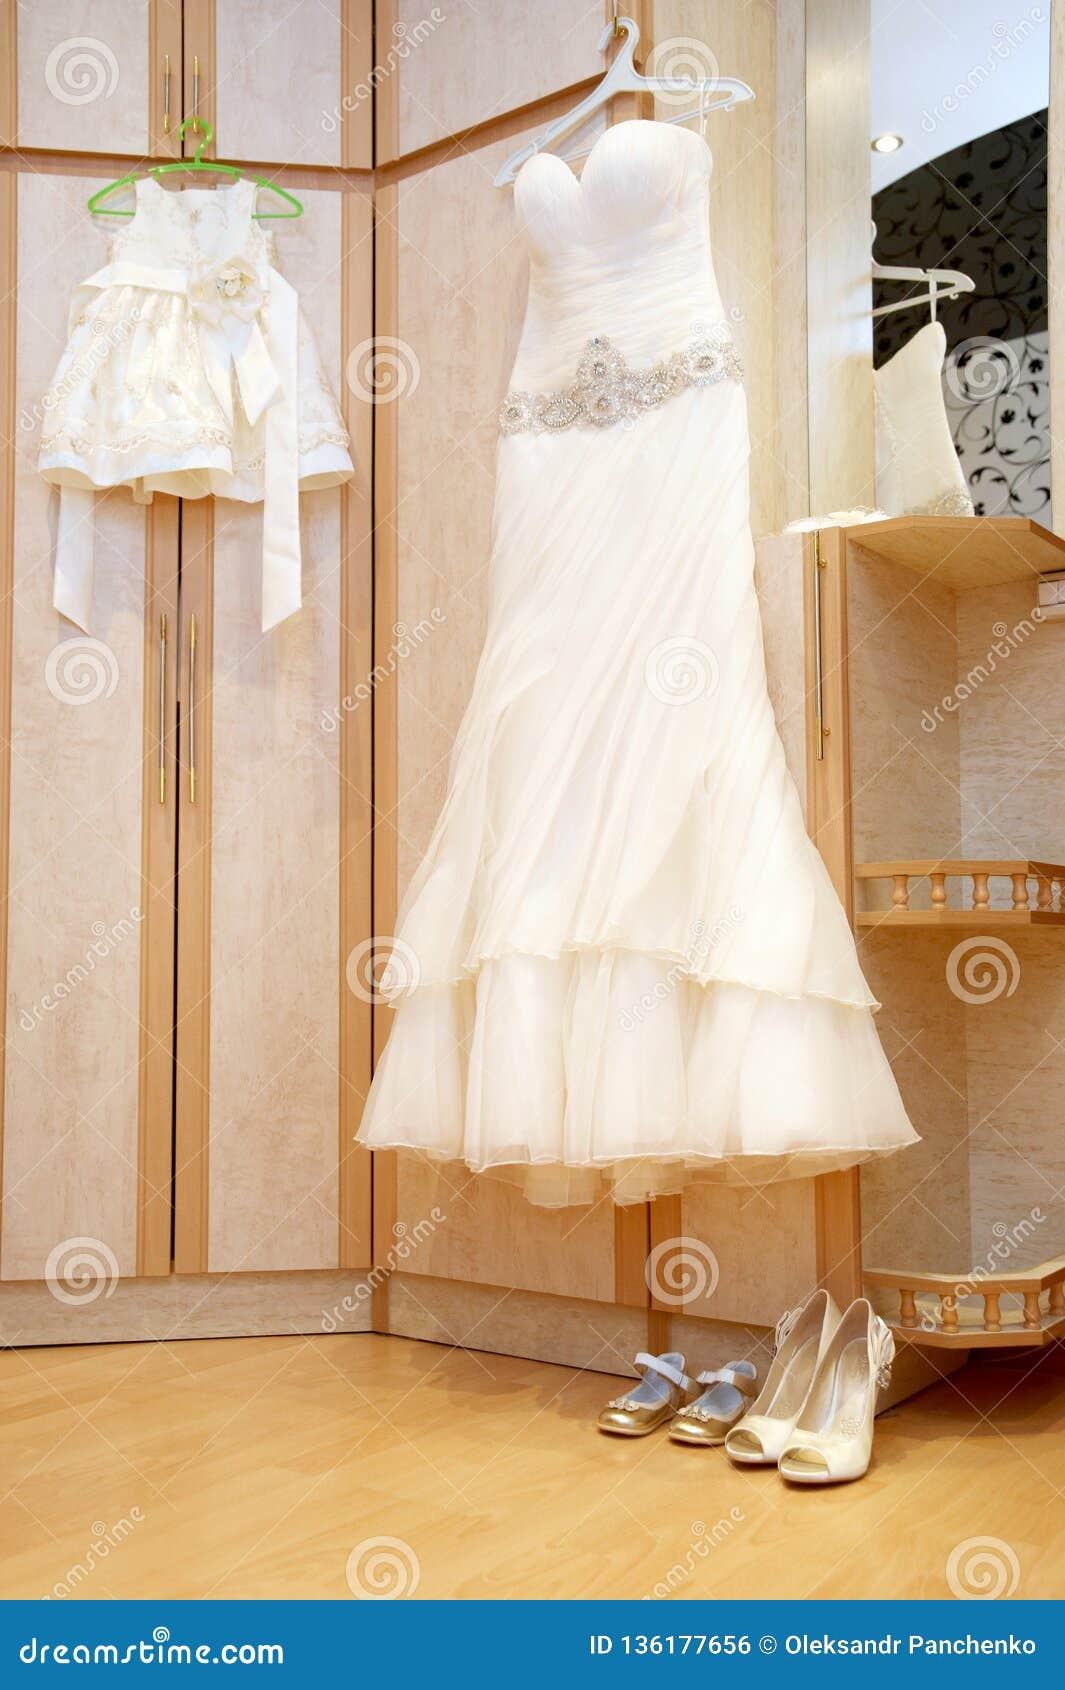 Vestidos de boda para las mamáes y las hijas, belleza, felicidad, matrimonio, casandose conceptos del estilo